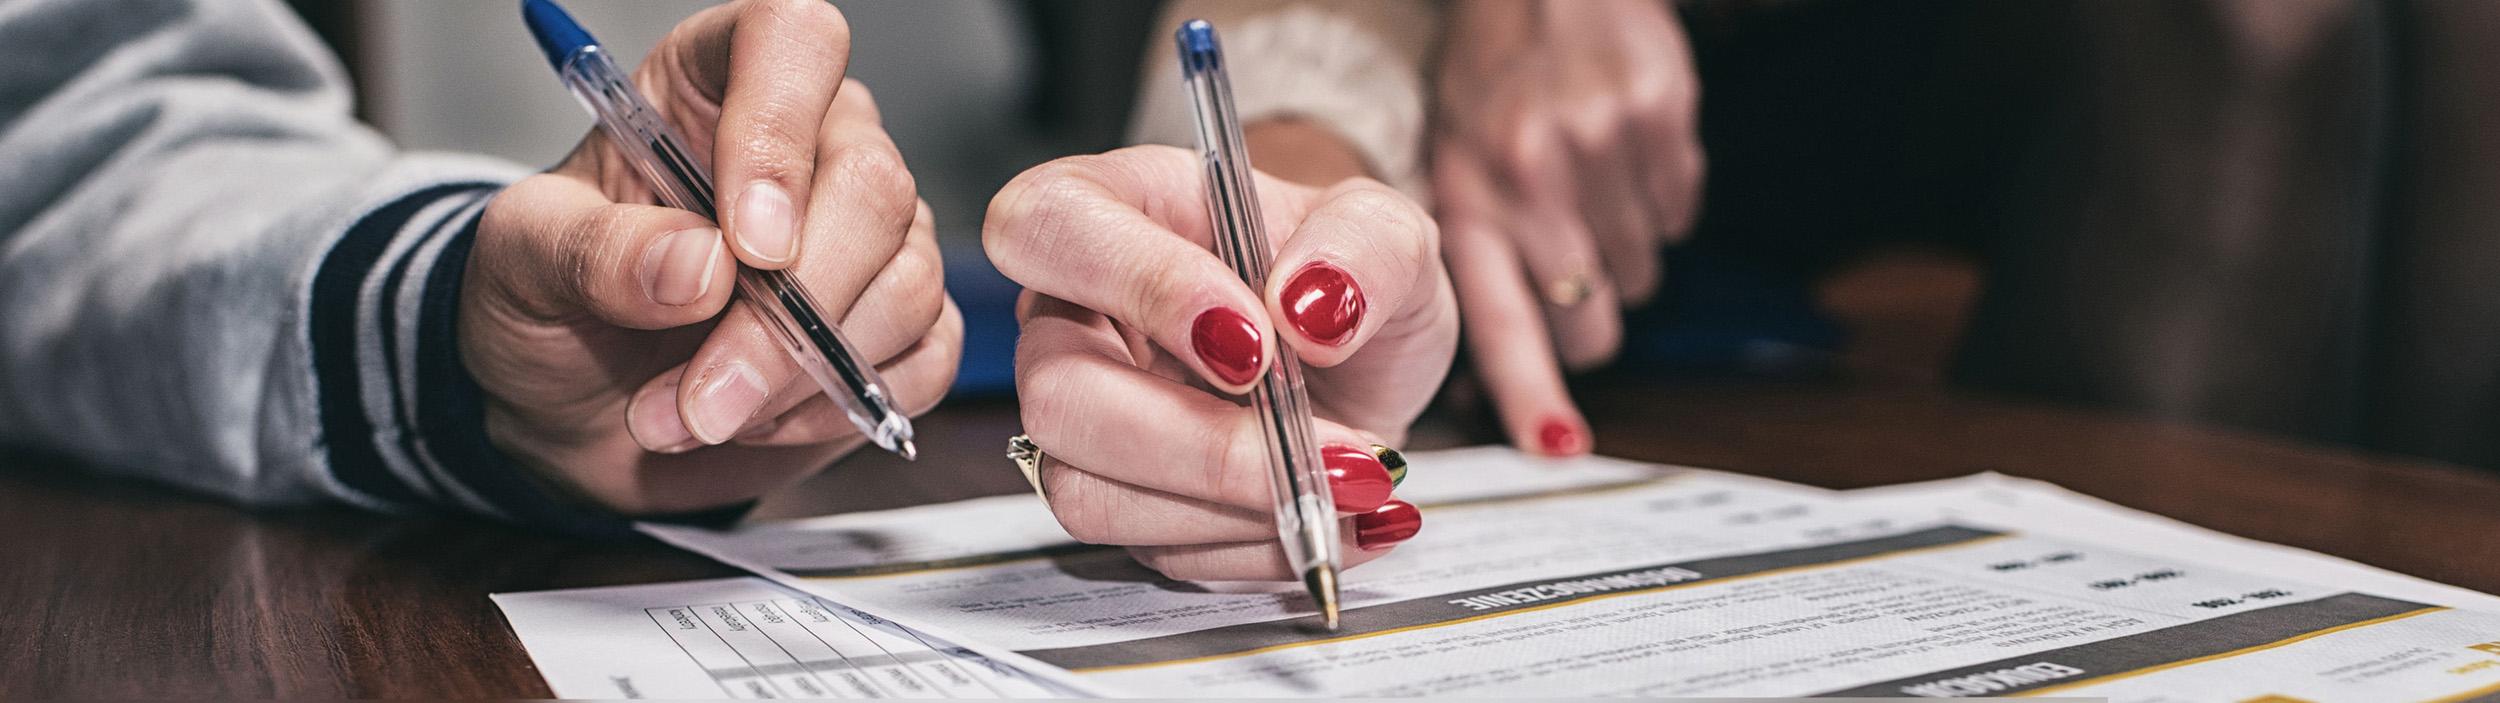 wypełnianie dokumentów, długopisy w dłoniach